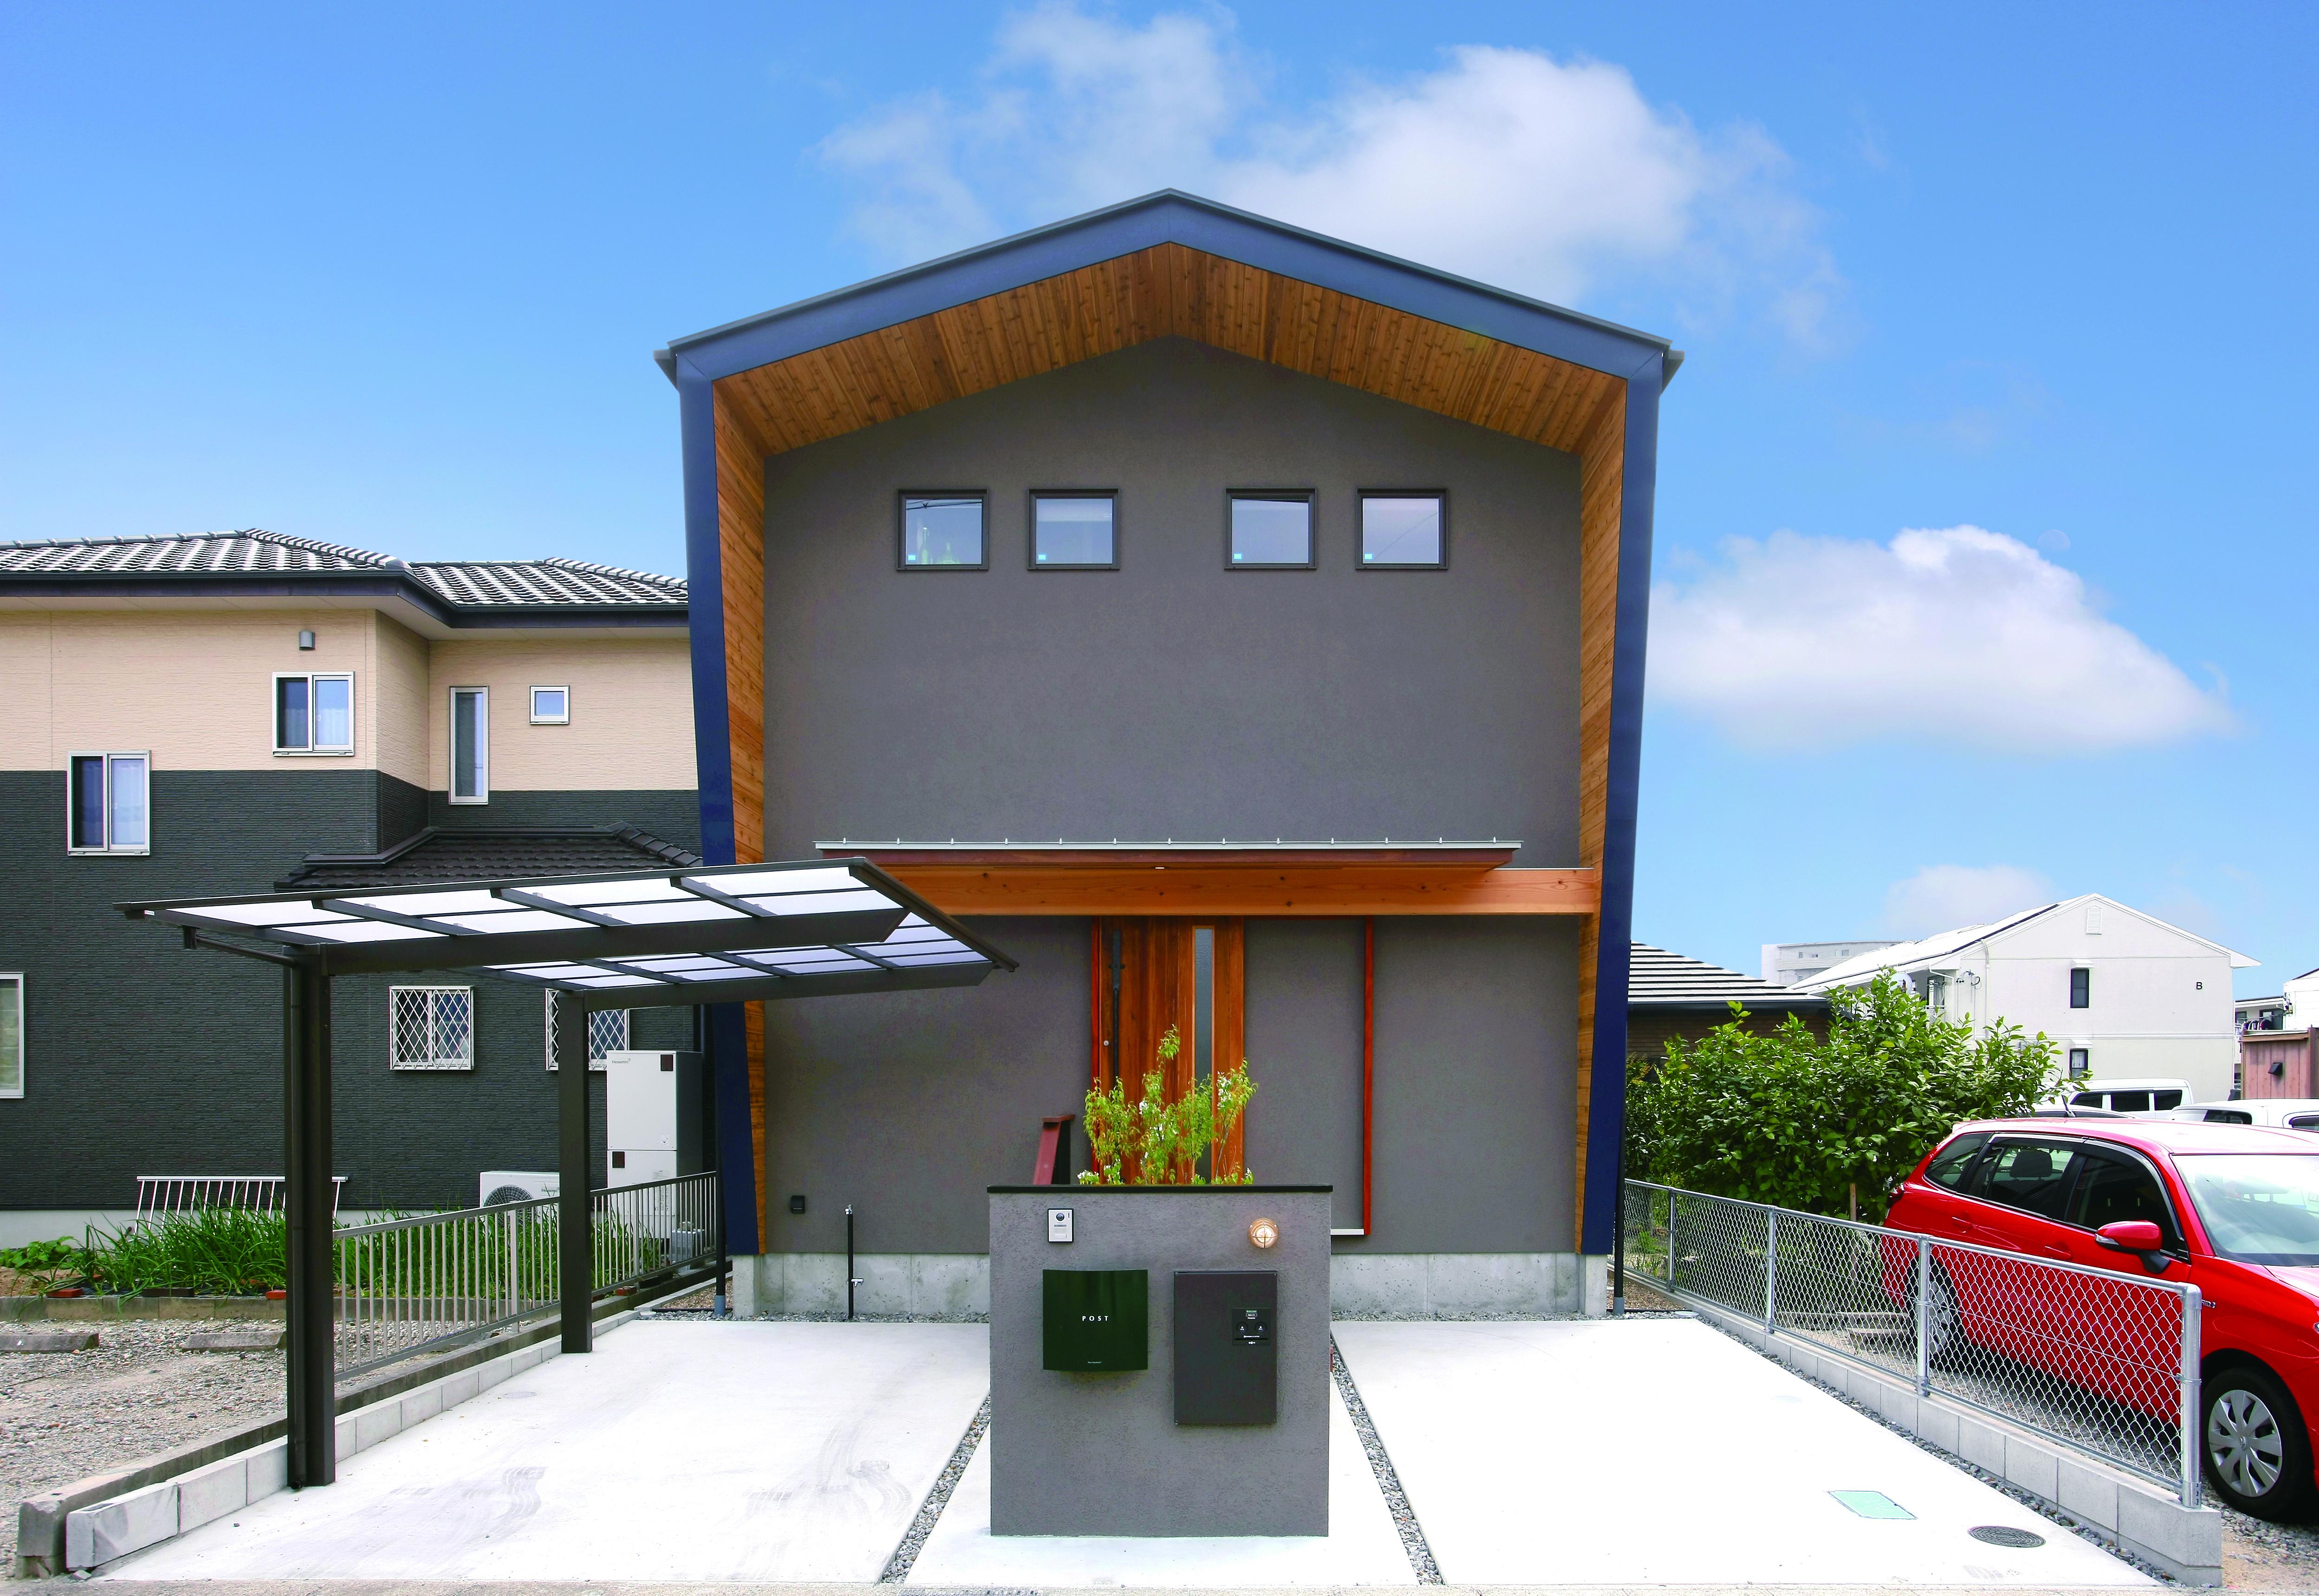 共感住宅 ray-out (レイアウト)【デザイン住宅、子育て、趣味】軒を深く出した三角屋根の外観。存在感を出しつつ周囲に溶け込むようなデザインを提案出来るのは建物と外構をトータルプロデュースする『レイアウト』ならではだろう